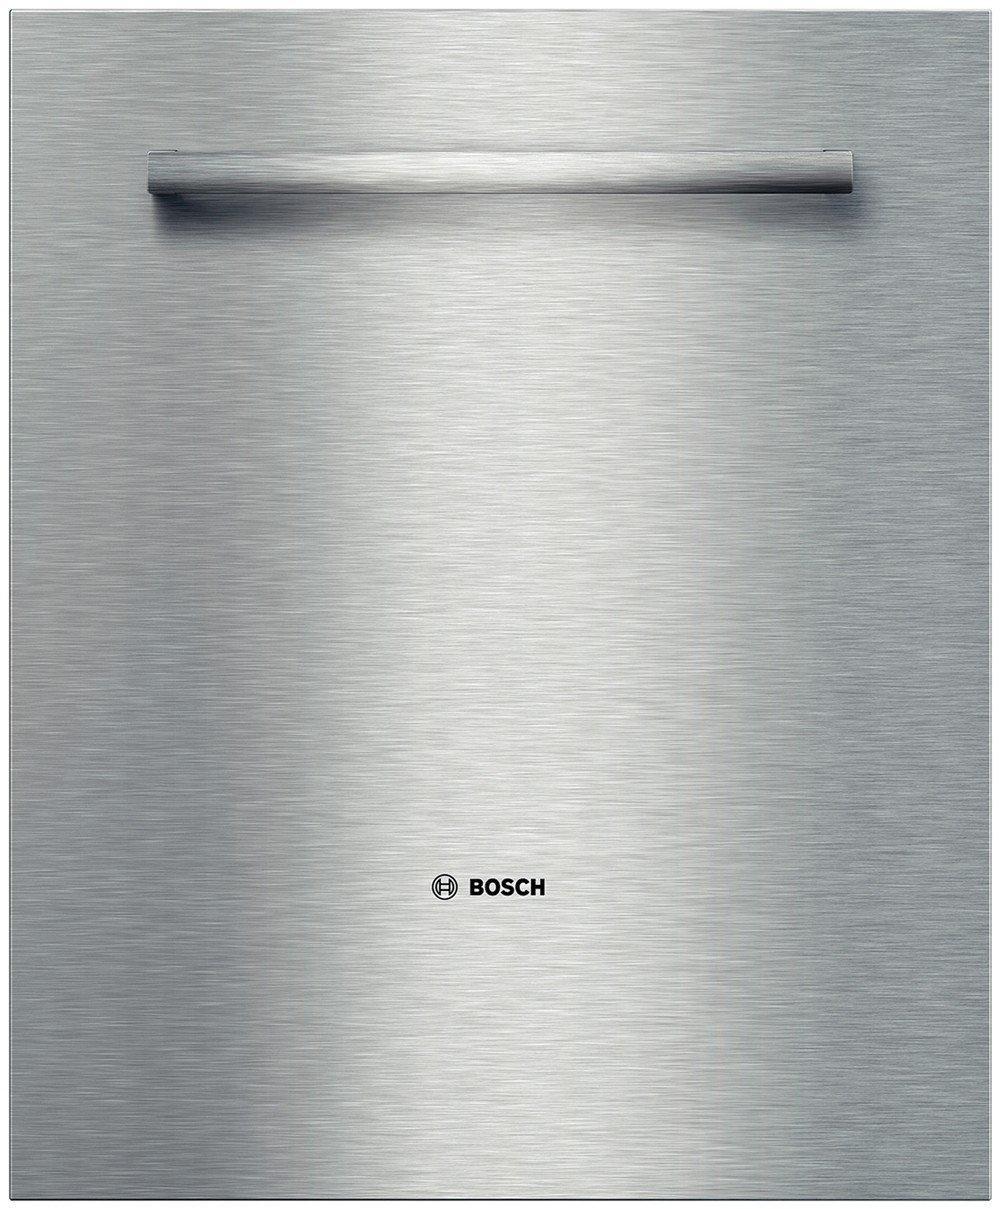 Дверца для посудомоечной машины - Bosch SMZ2055